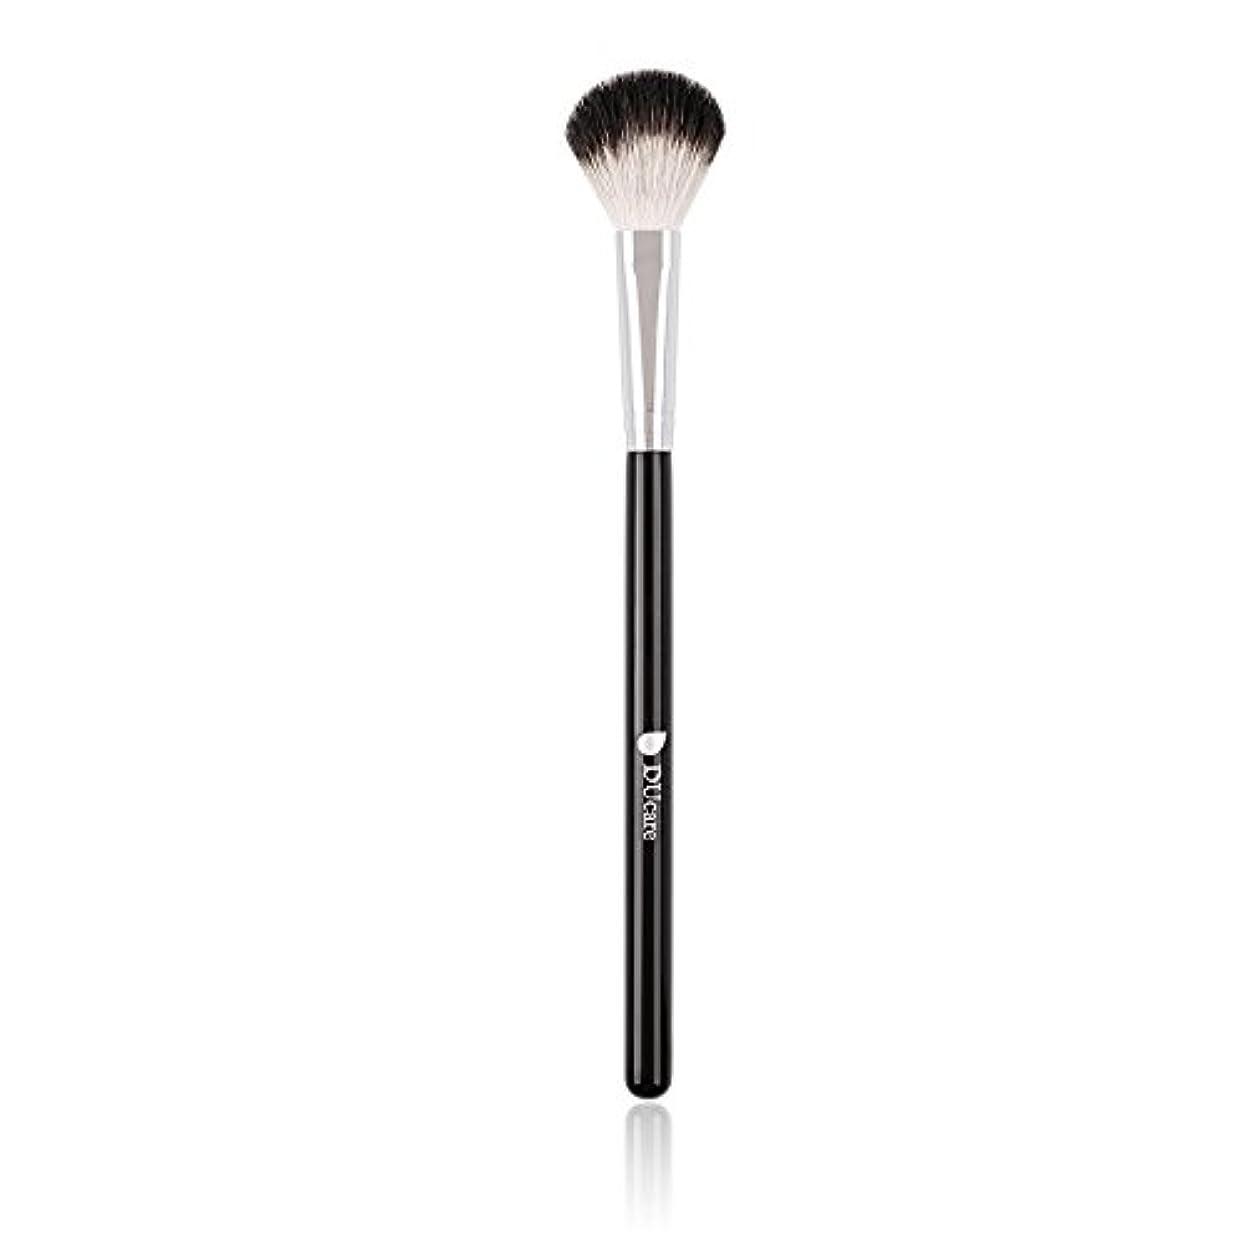 調停するラジウム雑品DUcare ドゥケア 化粧筆 ハイライトブラシ 白尖峰を100%使用 ハイライト&チーク&パウダー用